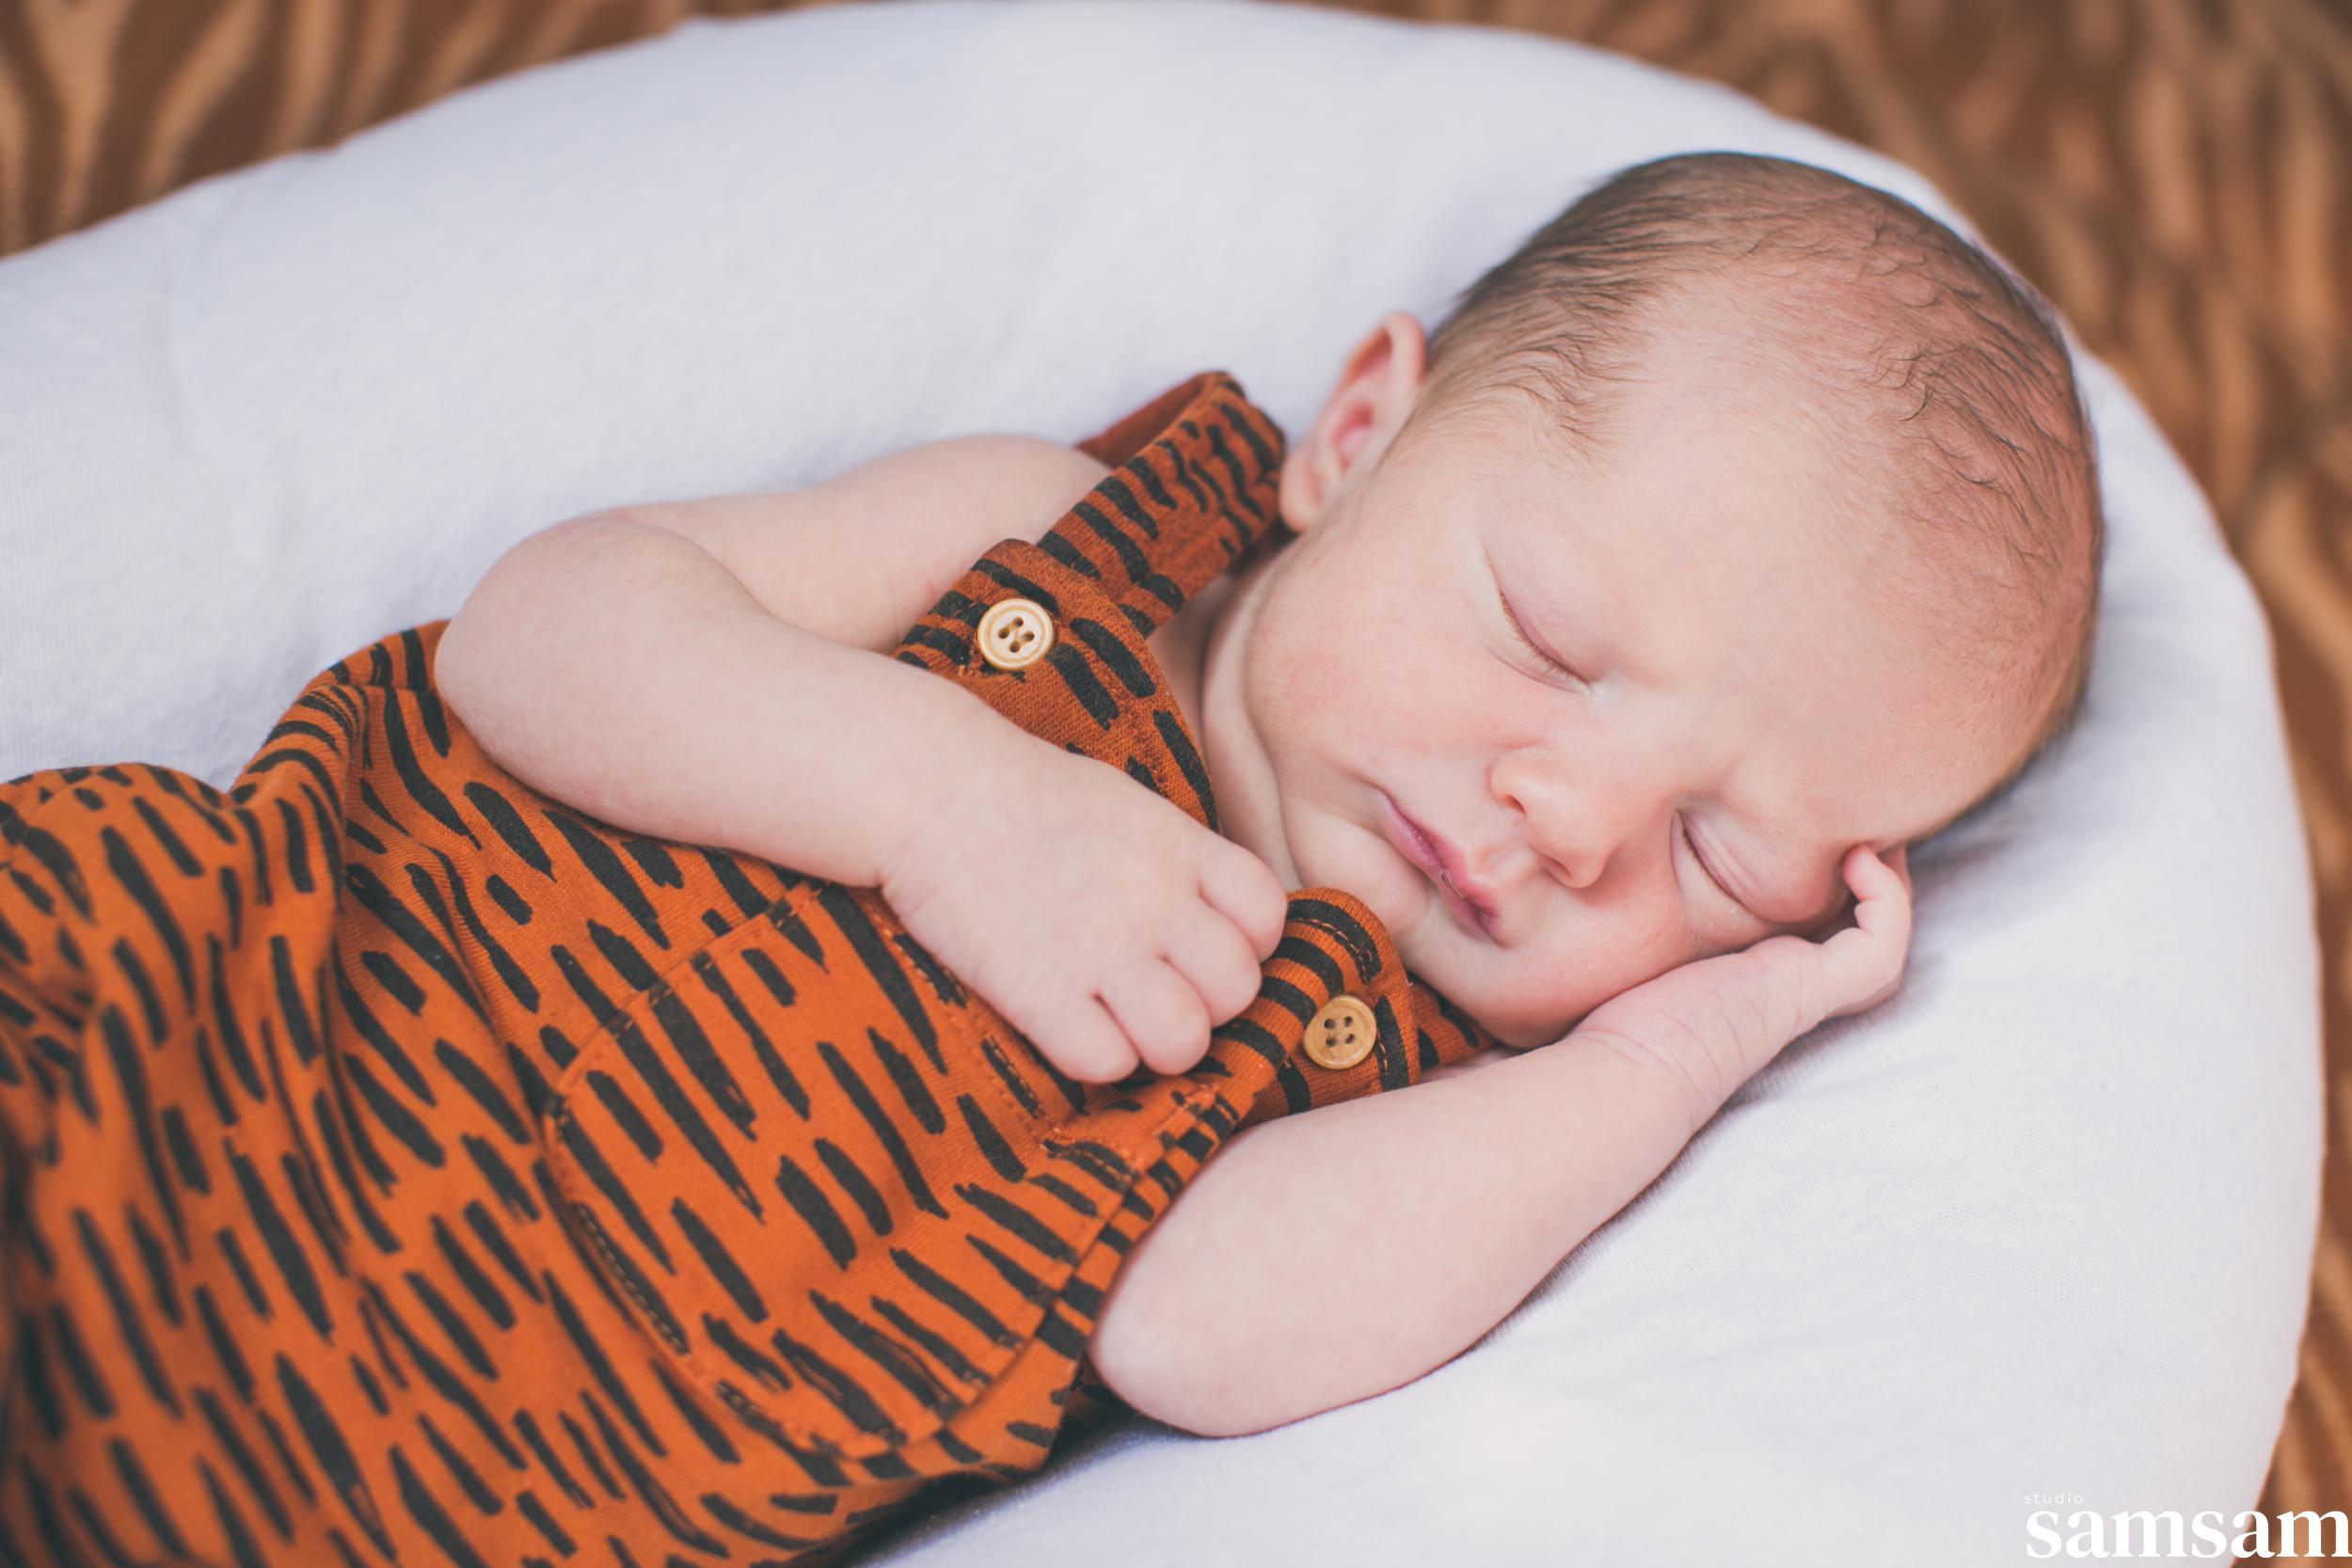 Studio samsam newbornshoot newborn Jaxx 15